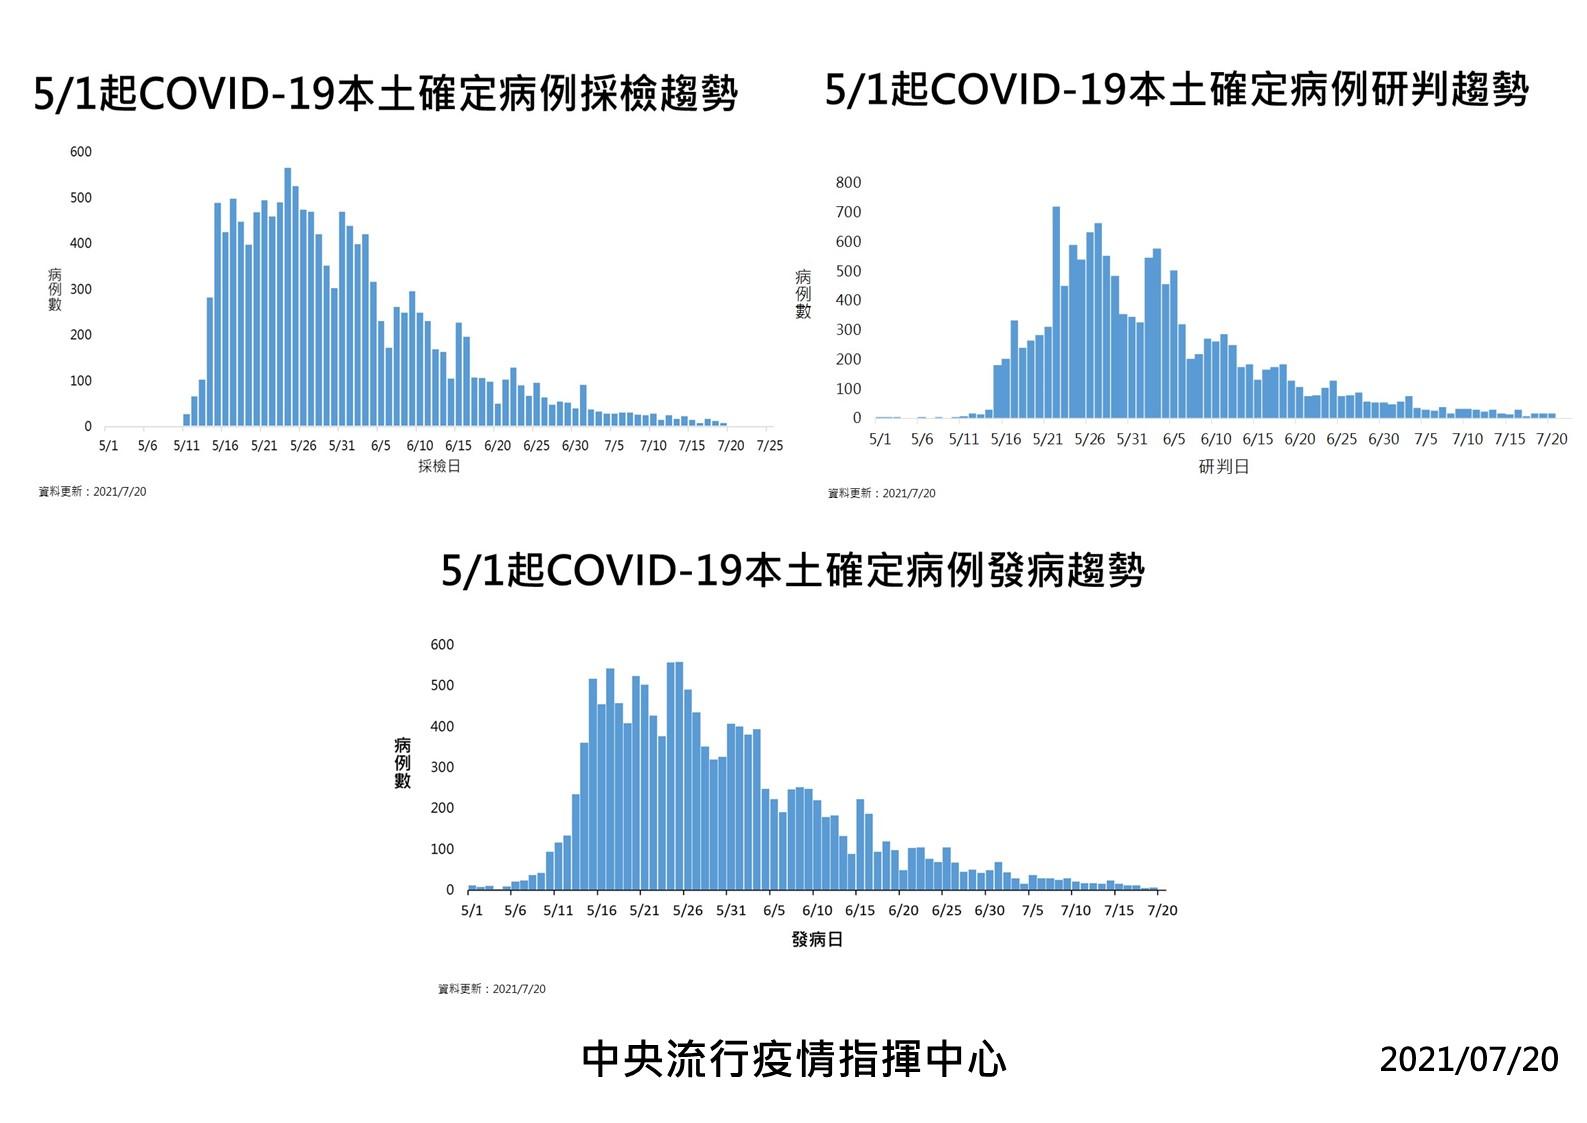 5/1至7/20日COVID-19本土確定病例發病趨勢。